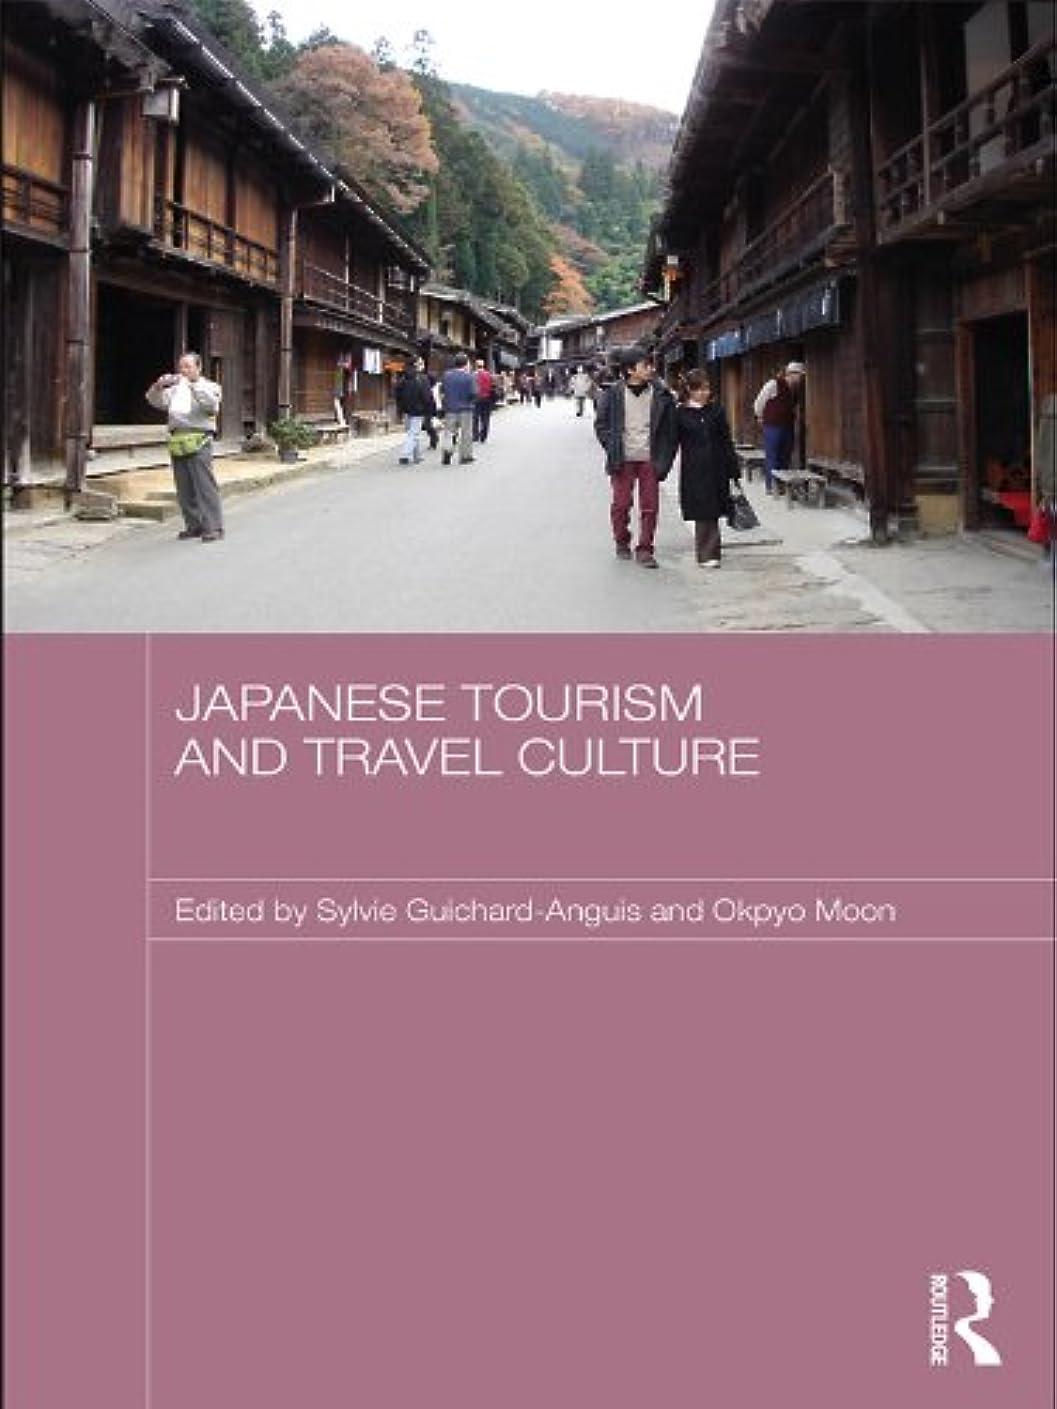 カフェ成り立つ残りJapanese Tourism and Travel Culture (Japan Anthropology Workshop Series) (English Edition)